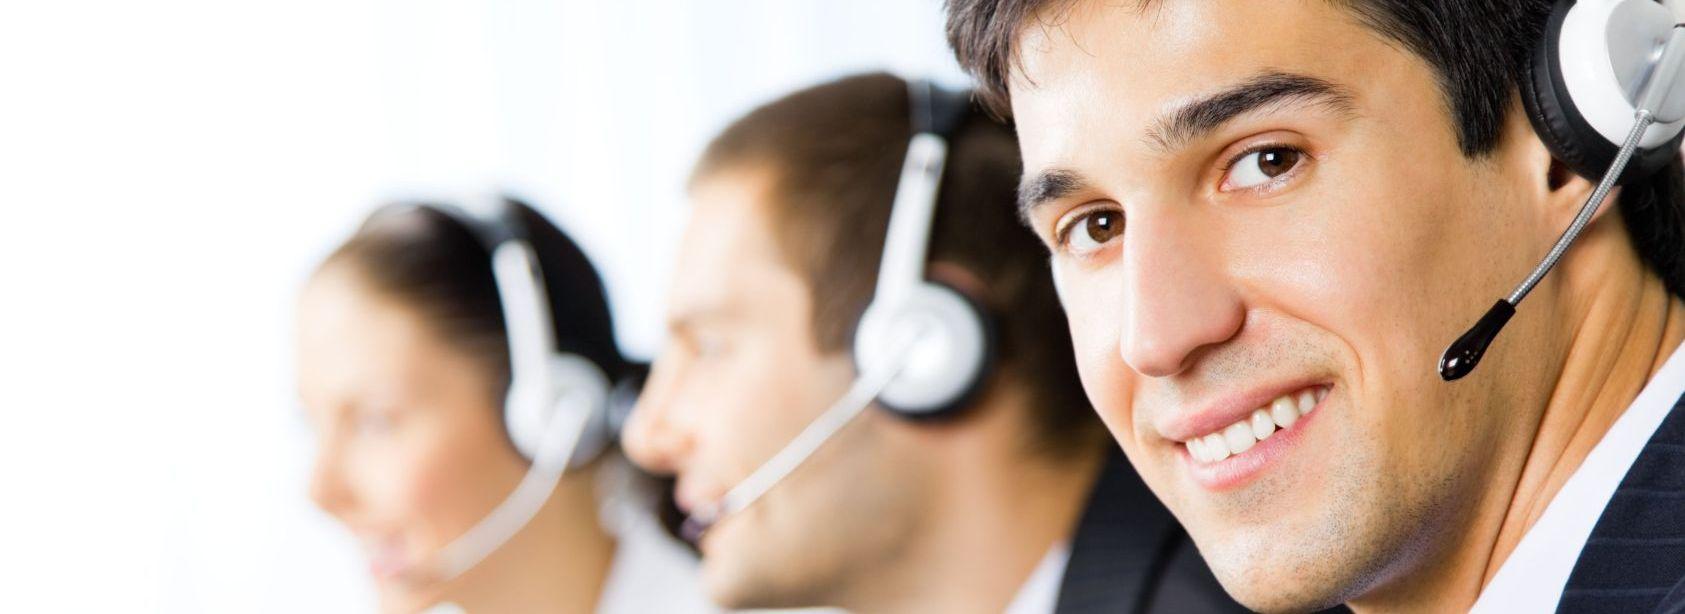 Τηλεφωνική Εξυπηρέτηση Πελατών - Customer Service